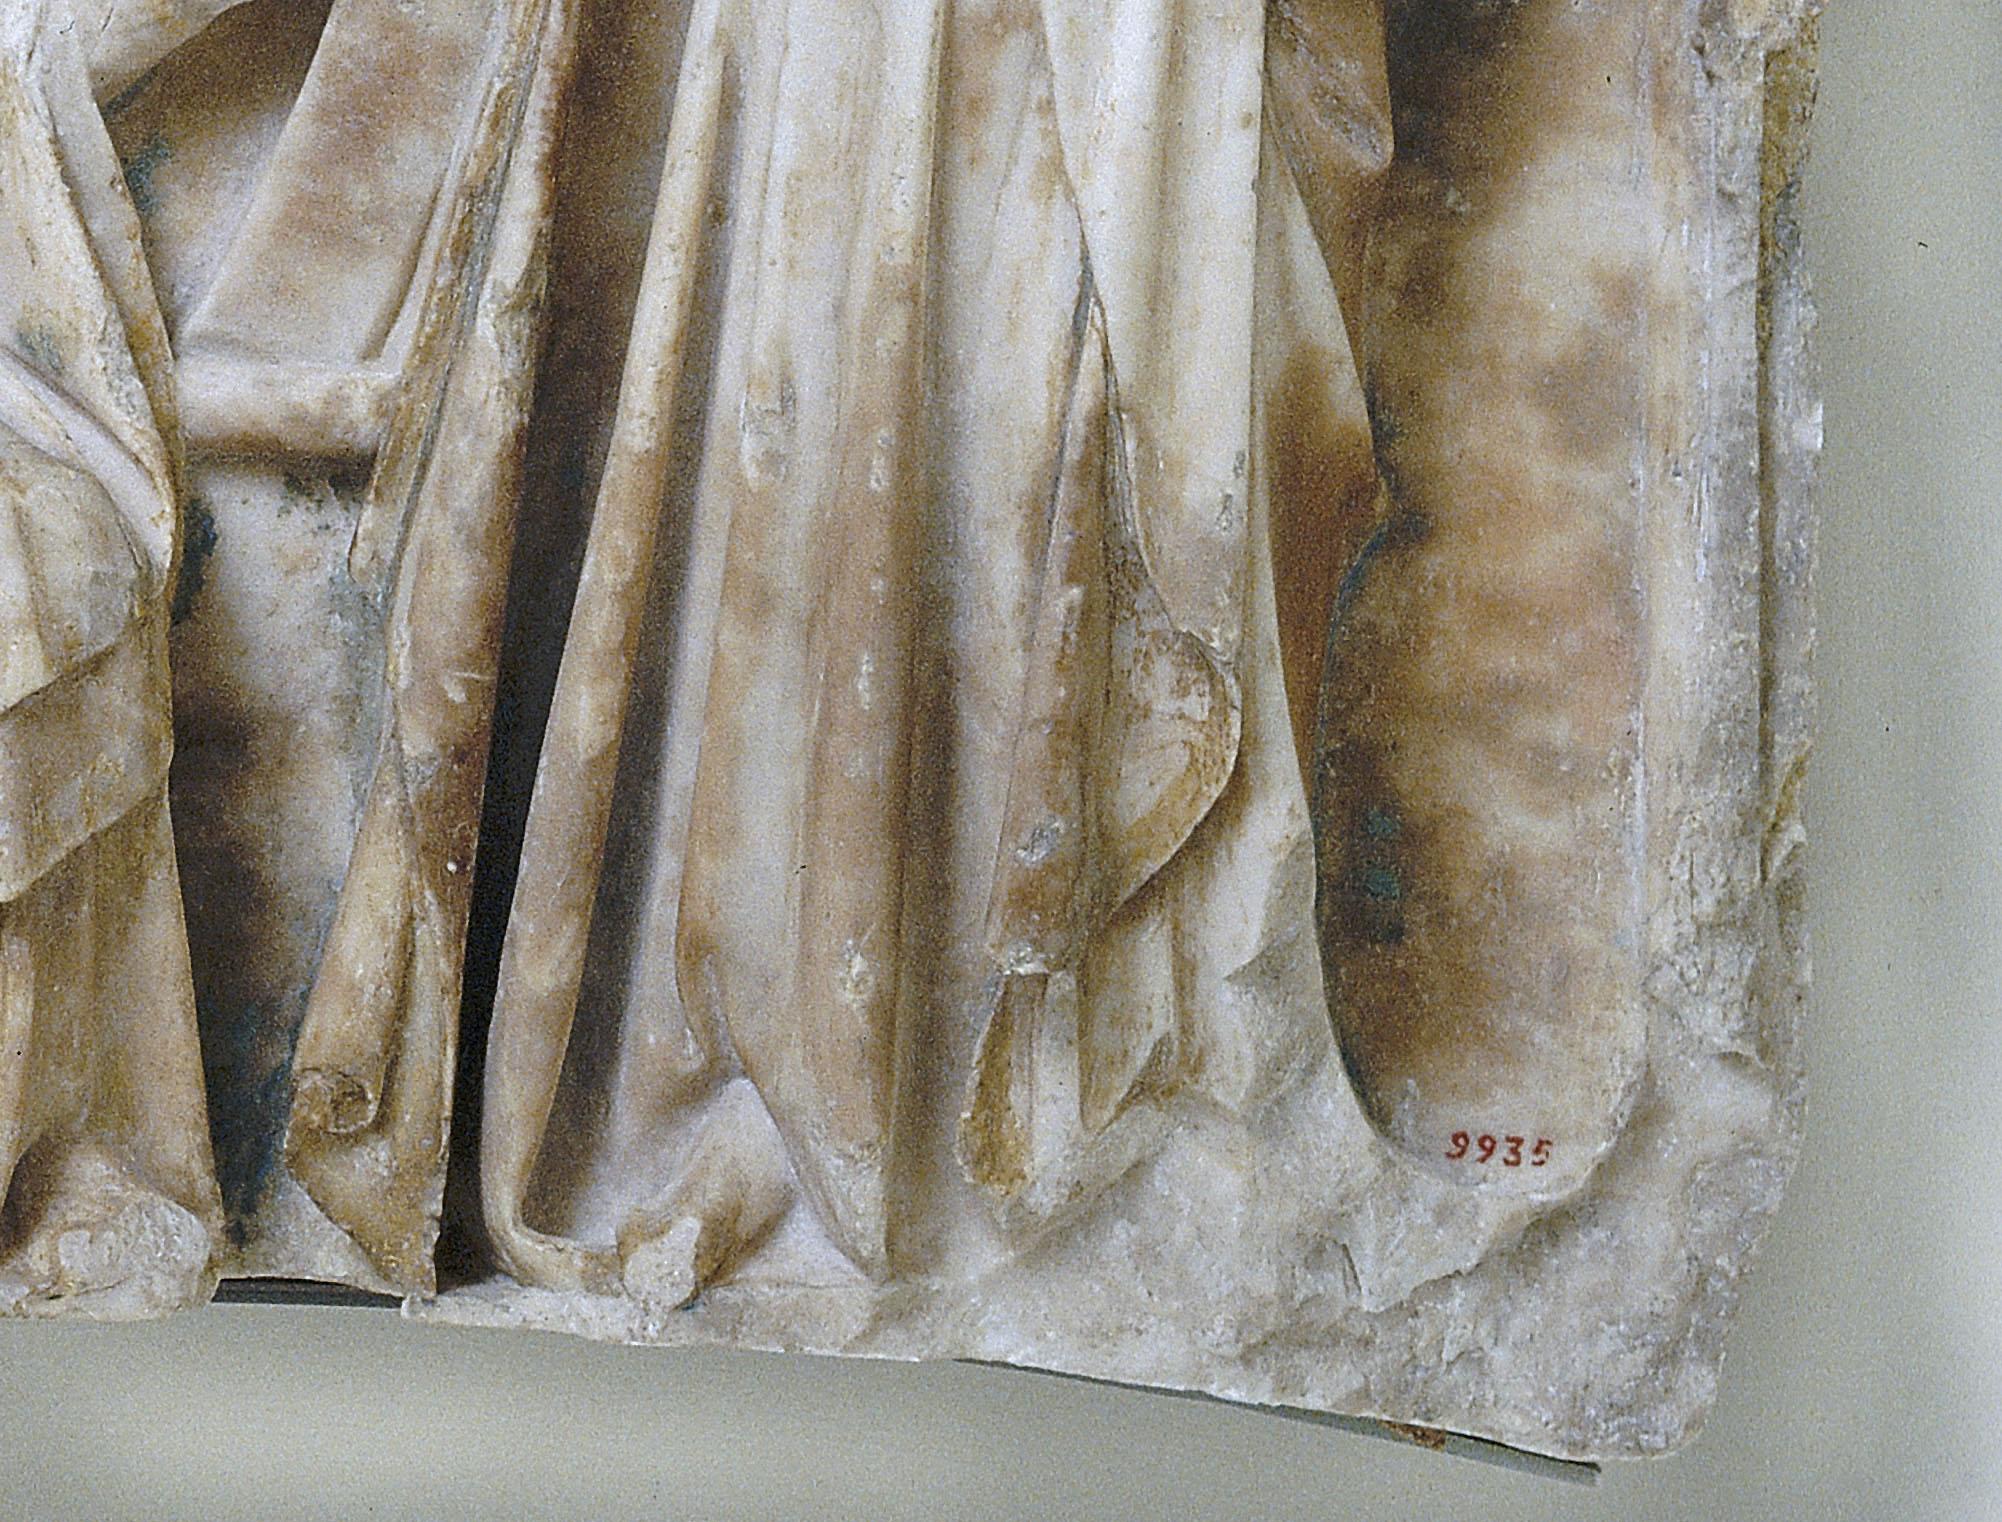 El número de registre en un relleu de pedra